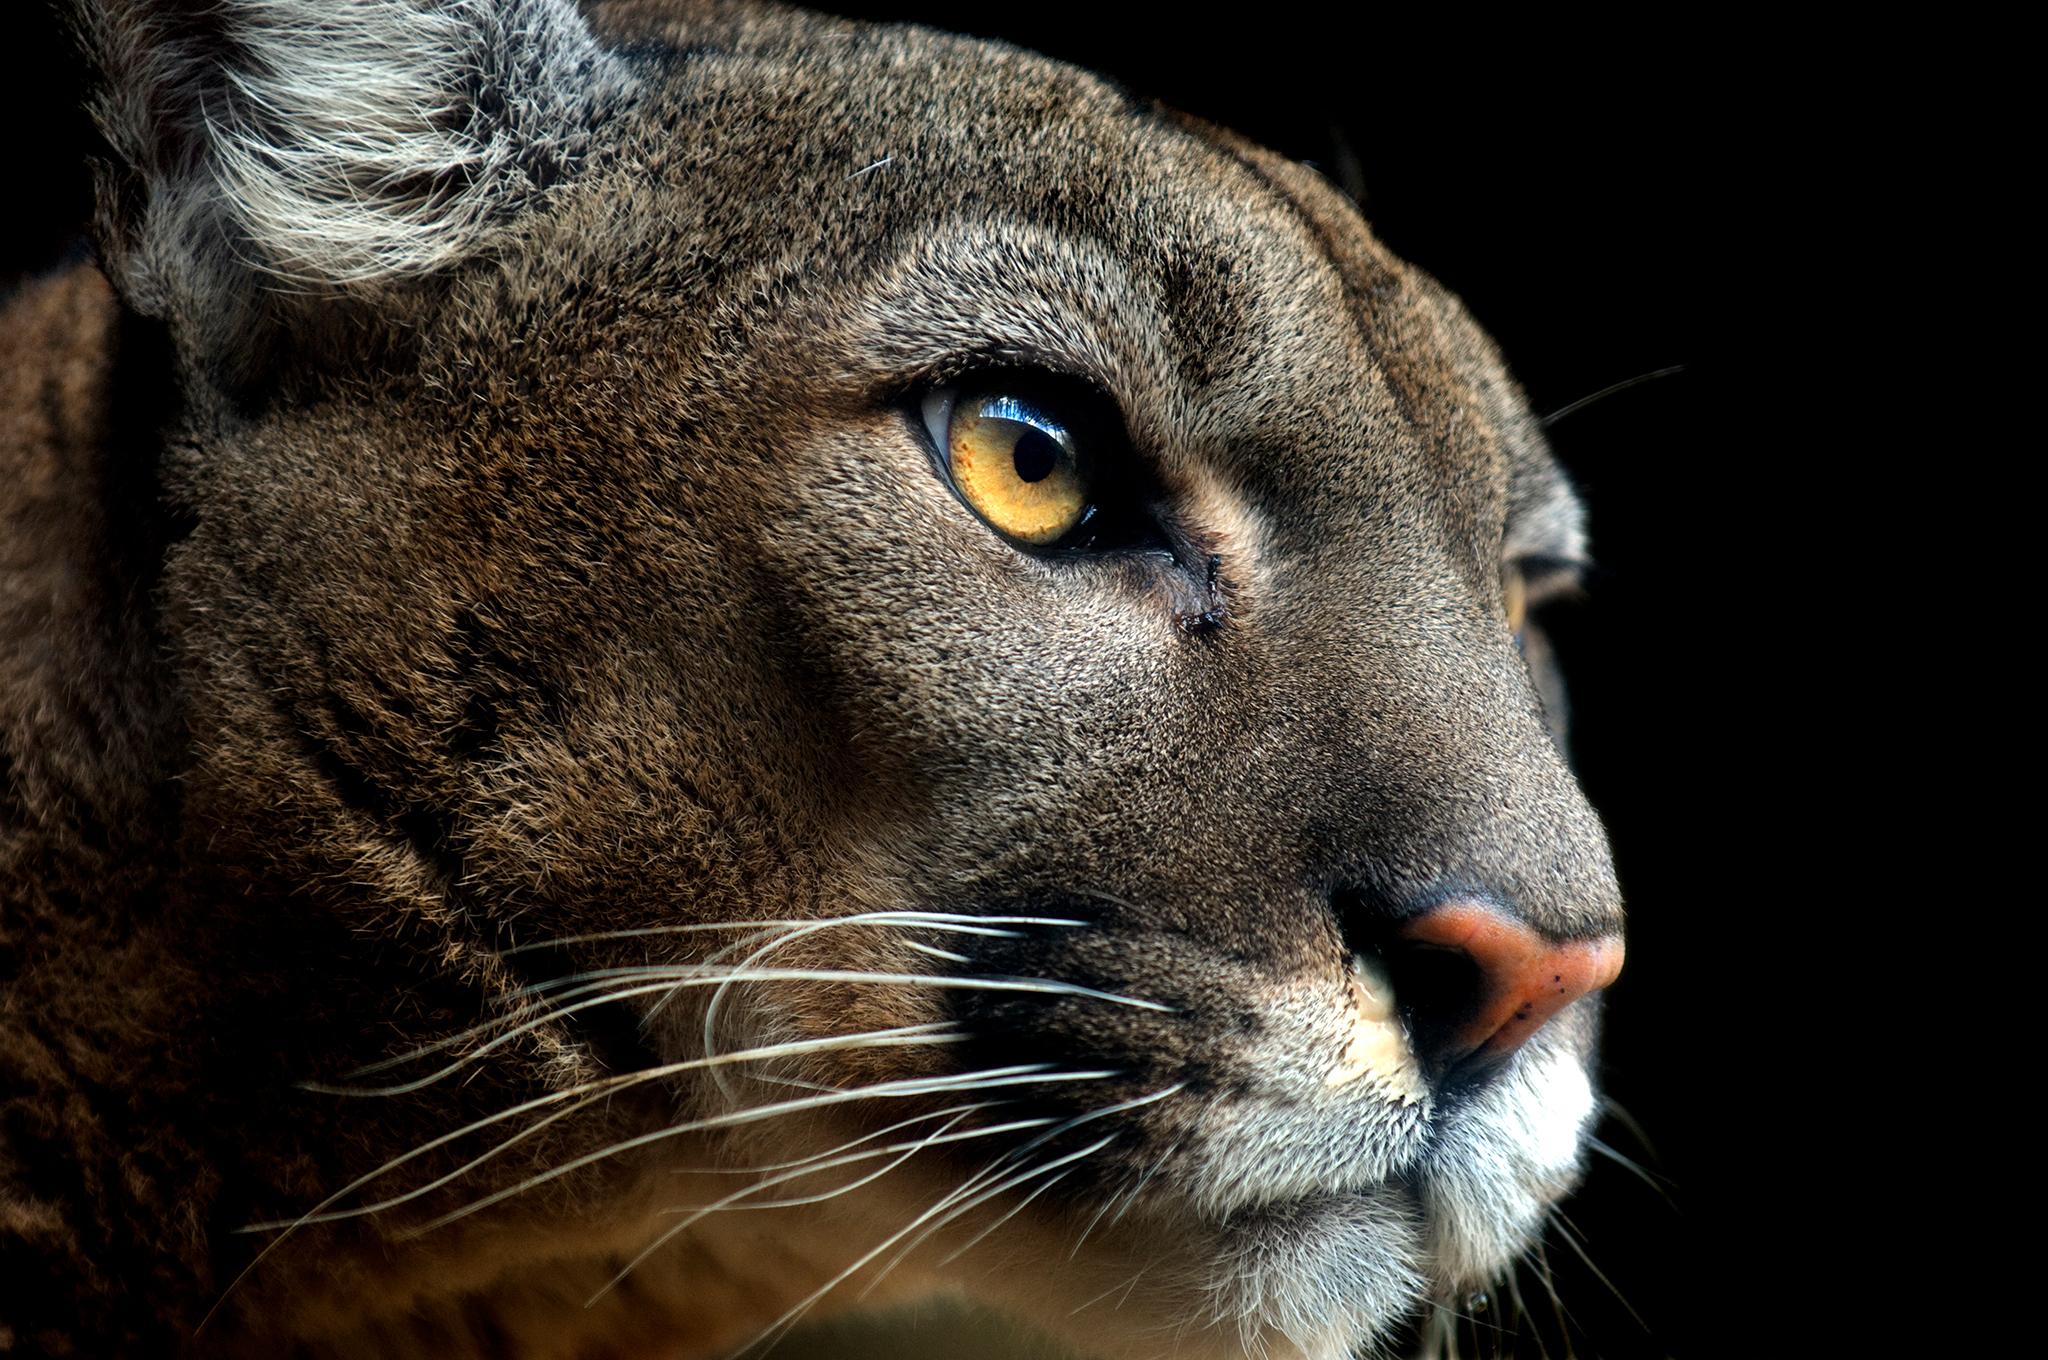 Báo Phương Đông - Sinh vật tuyệt đẹp và kì vĩ đã chính thức tuyệt chủng